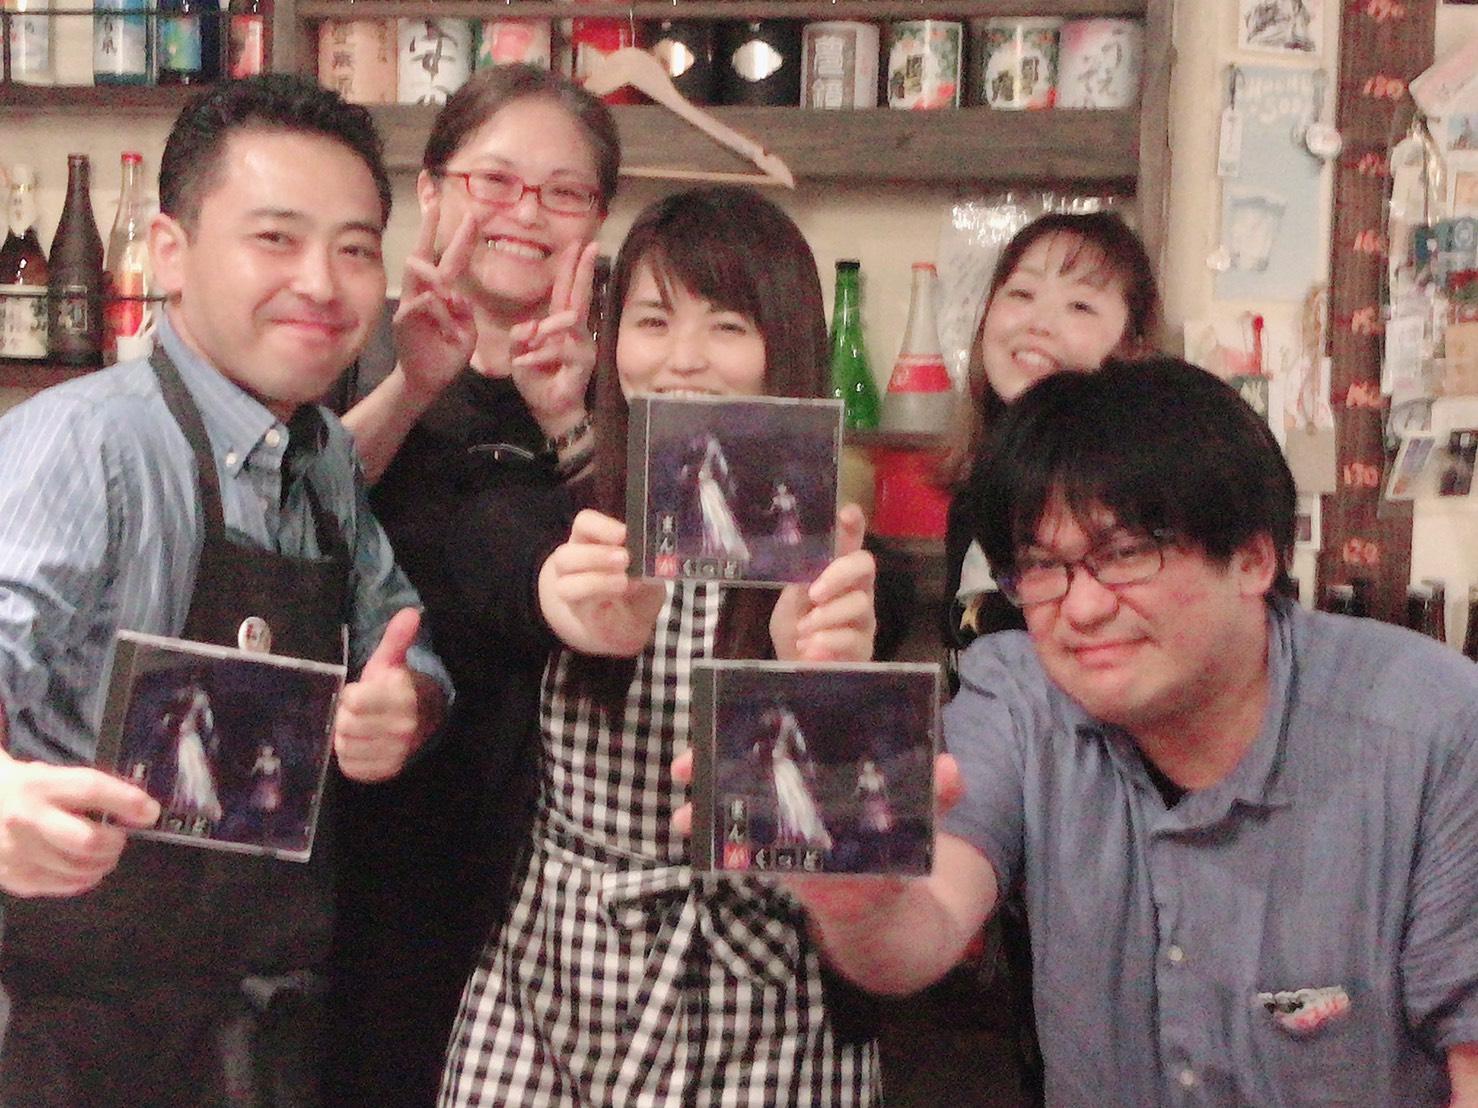 【怪談CD】ハロウィンだし鹿児島の「まん」にちなんだグッズを紹介しよう【Tシャツ】